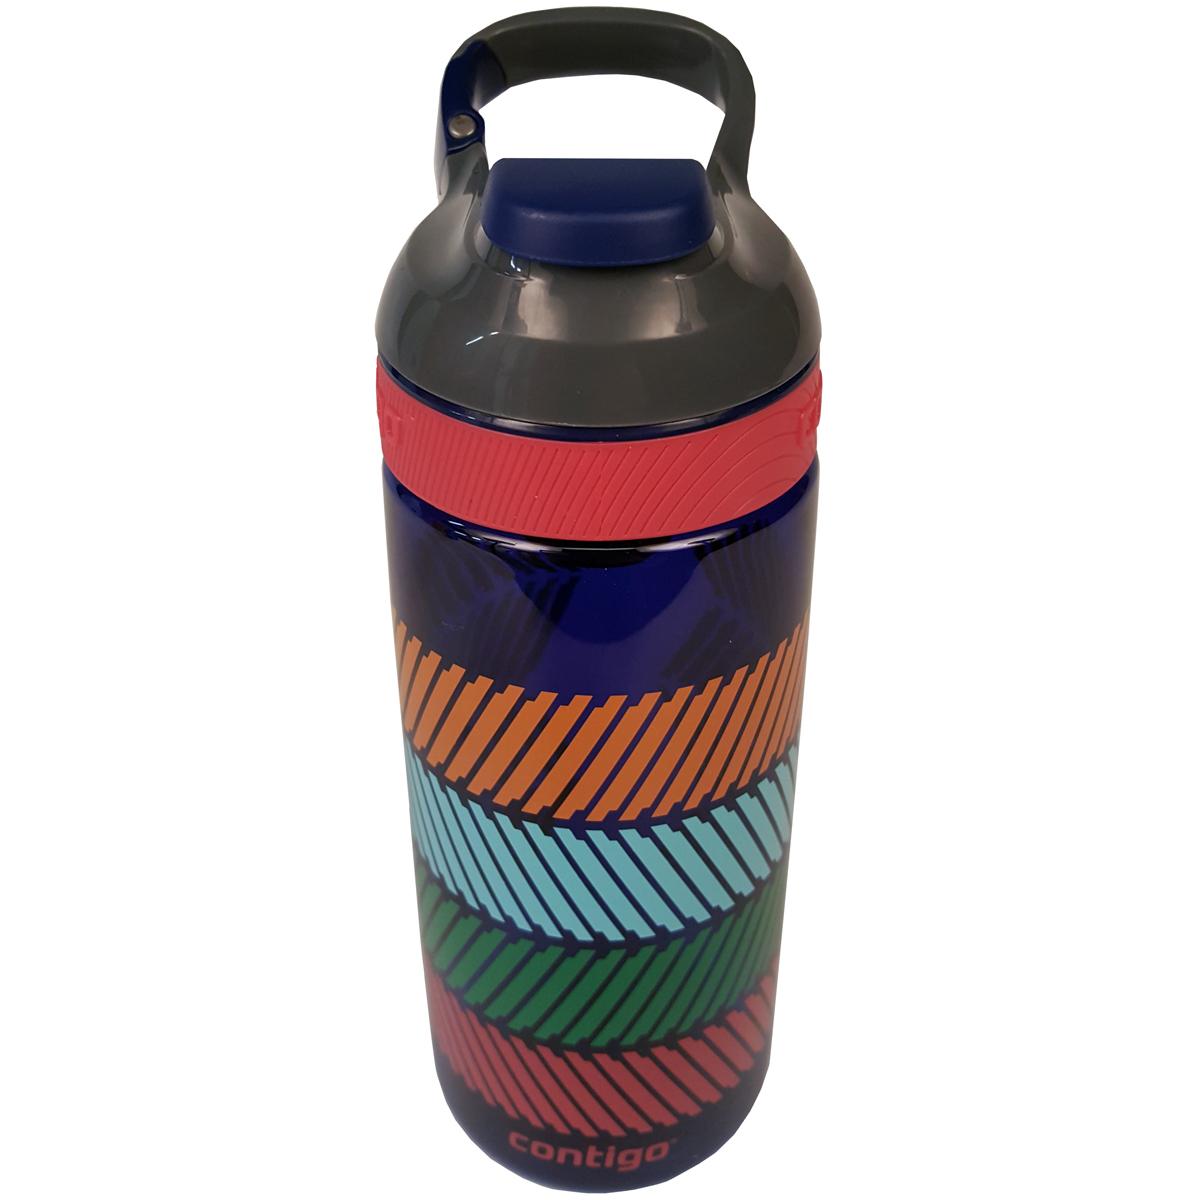 Contigo-20-oz-Kid-039-s-Courtney-AutoSeal-Water-Bottle thumbnail 8